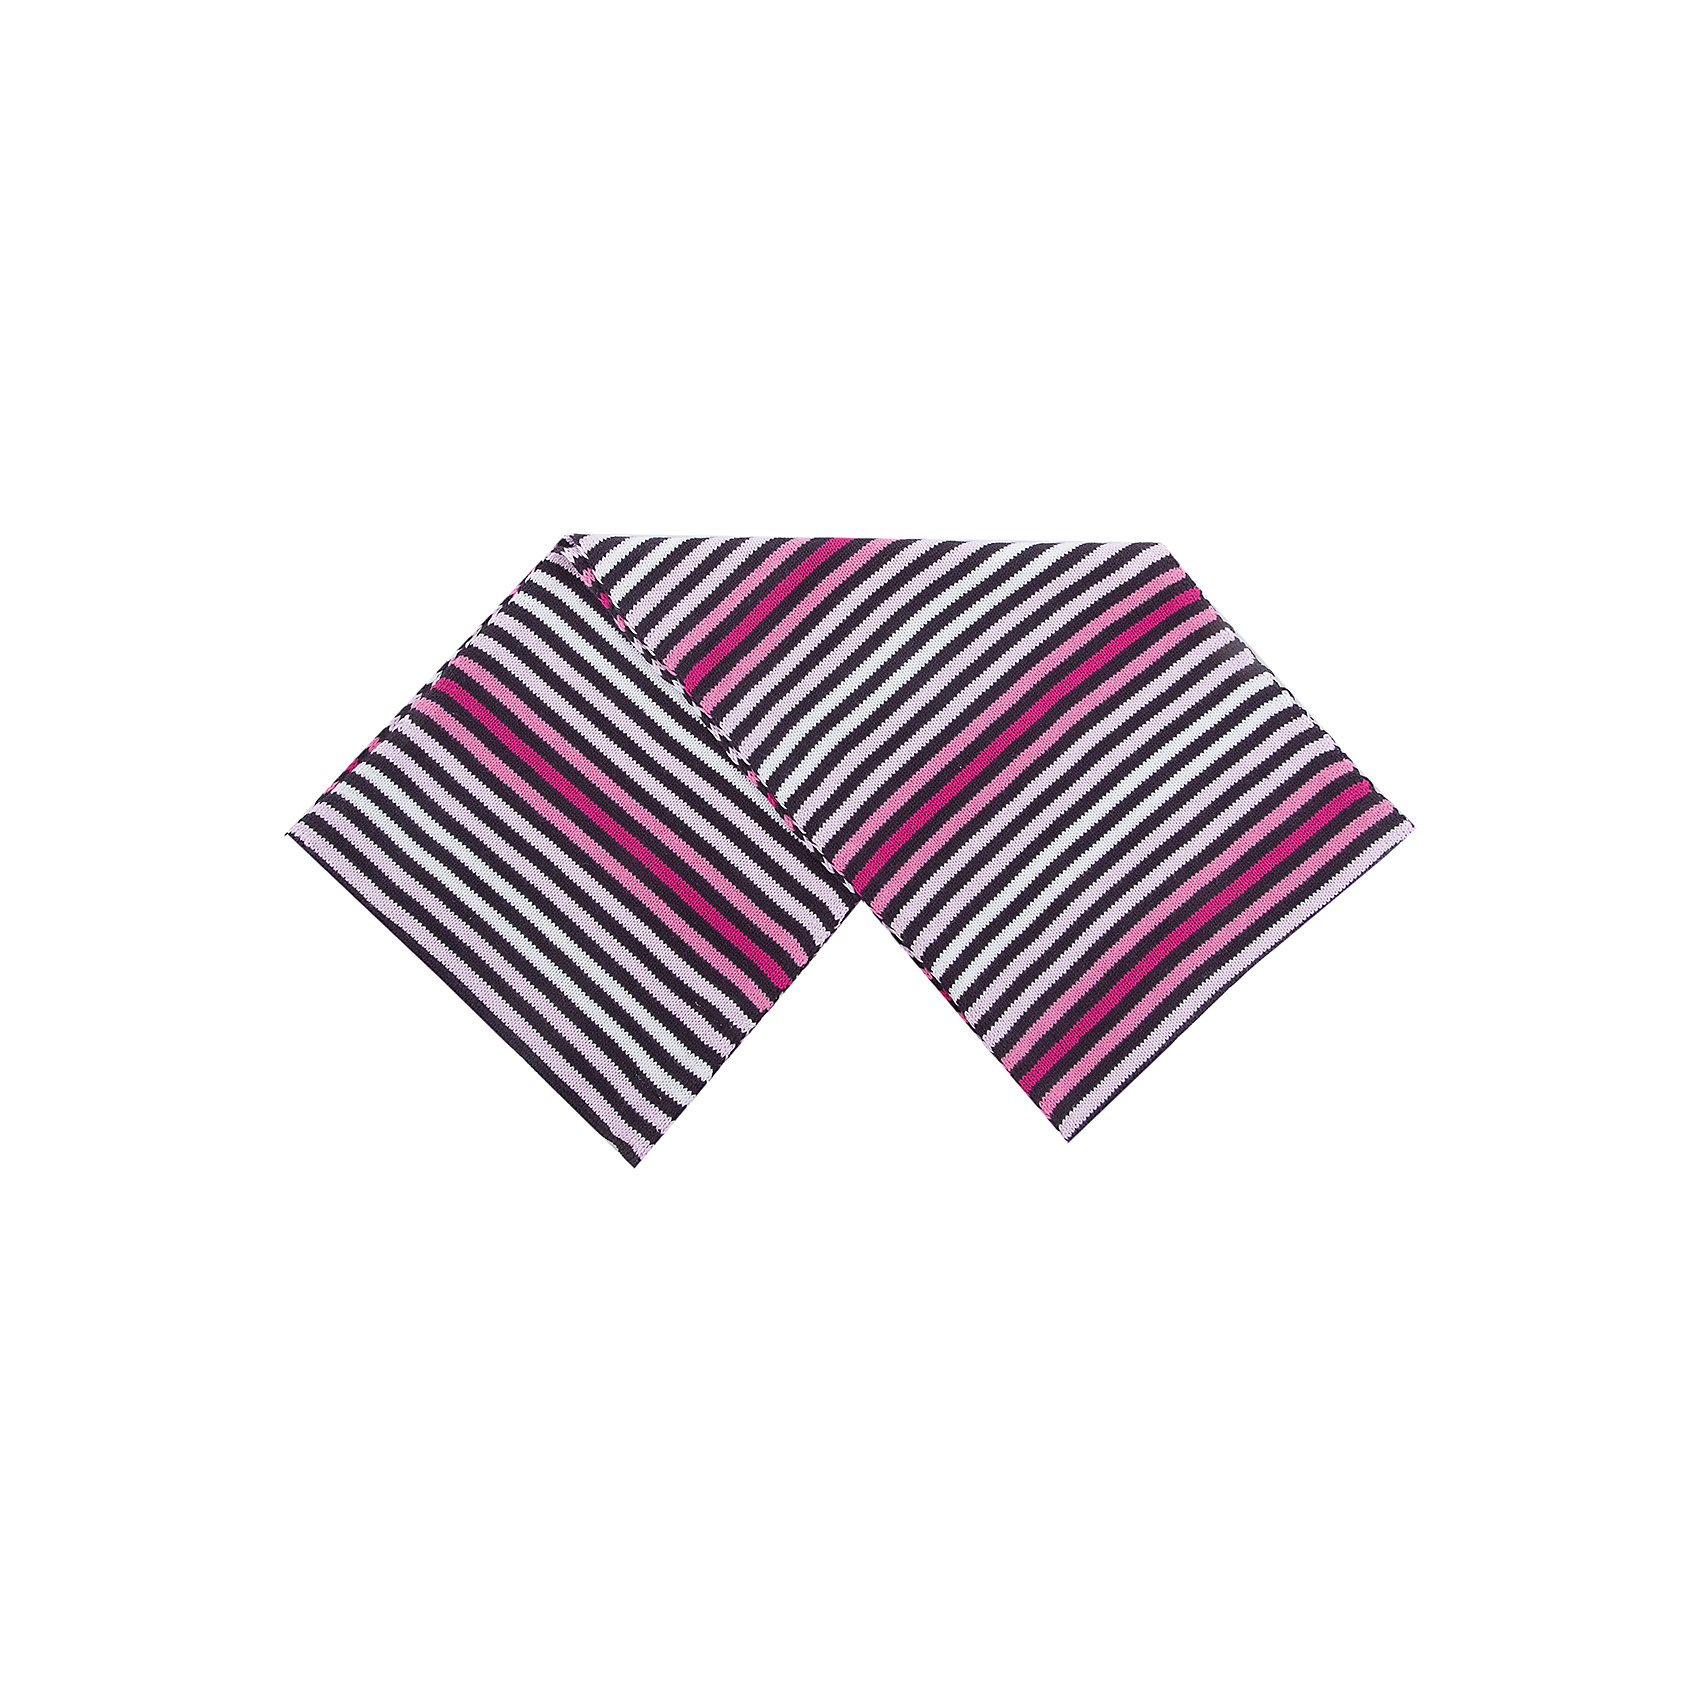 Шарф PlayToday для девочкиШарфы, платки<br>Шарф PlayToday для девочки<br>Стильный трикотажный шарф - хомут отличный аксессуар в гардеробе ребенка. Модель выполнена в технике yarn dyed - в процессе производства используются разного цвета нити. При рекомендуемом уходе изделие не линяет и надолго остается в первоначальном виде. За счет высокого содержания натурального хлопка в материале, шарф не раздражает нежную детскую кожу и не вызывает неприятных ощущений.<br>Состав:<br>80% хлопок, 18% нейлон, 2% эластан<br><br>Ширина мм: 88<br>Глубина мм: 155<br>Высота мм: 26<br>Вес г: 106<br>Цвет: белый<br>Возраст от месяцев: 36<br>Возраст до месяцев: 96<br>Пол: Женский<br>Возраст: Детский<br>Размер: one size<br>SKU: 7115303